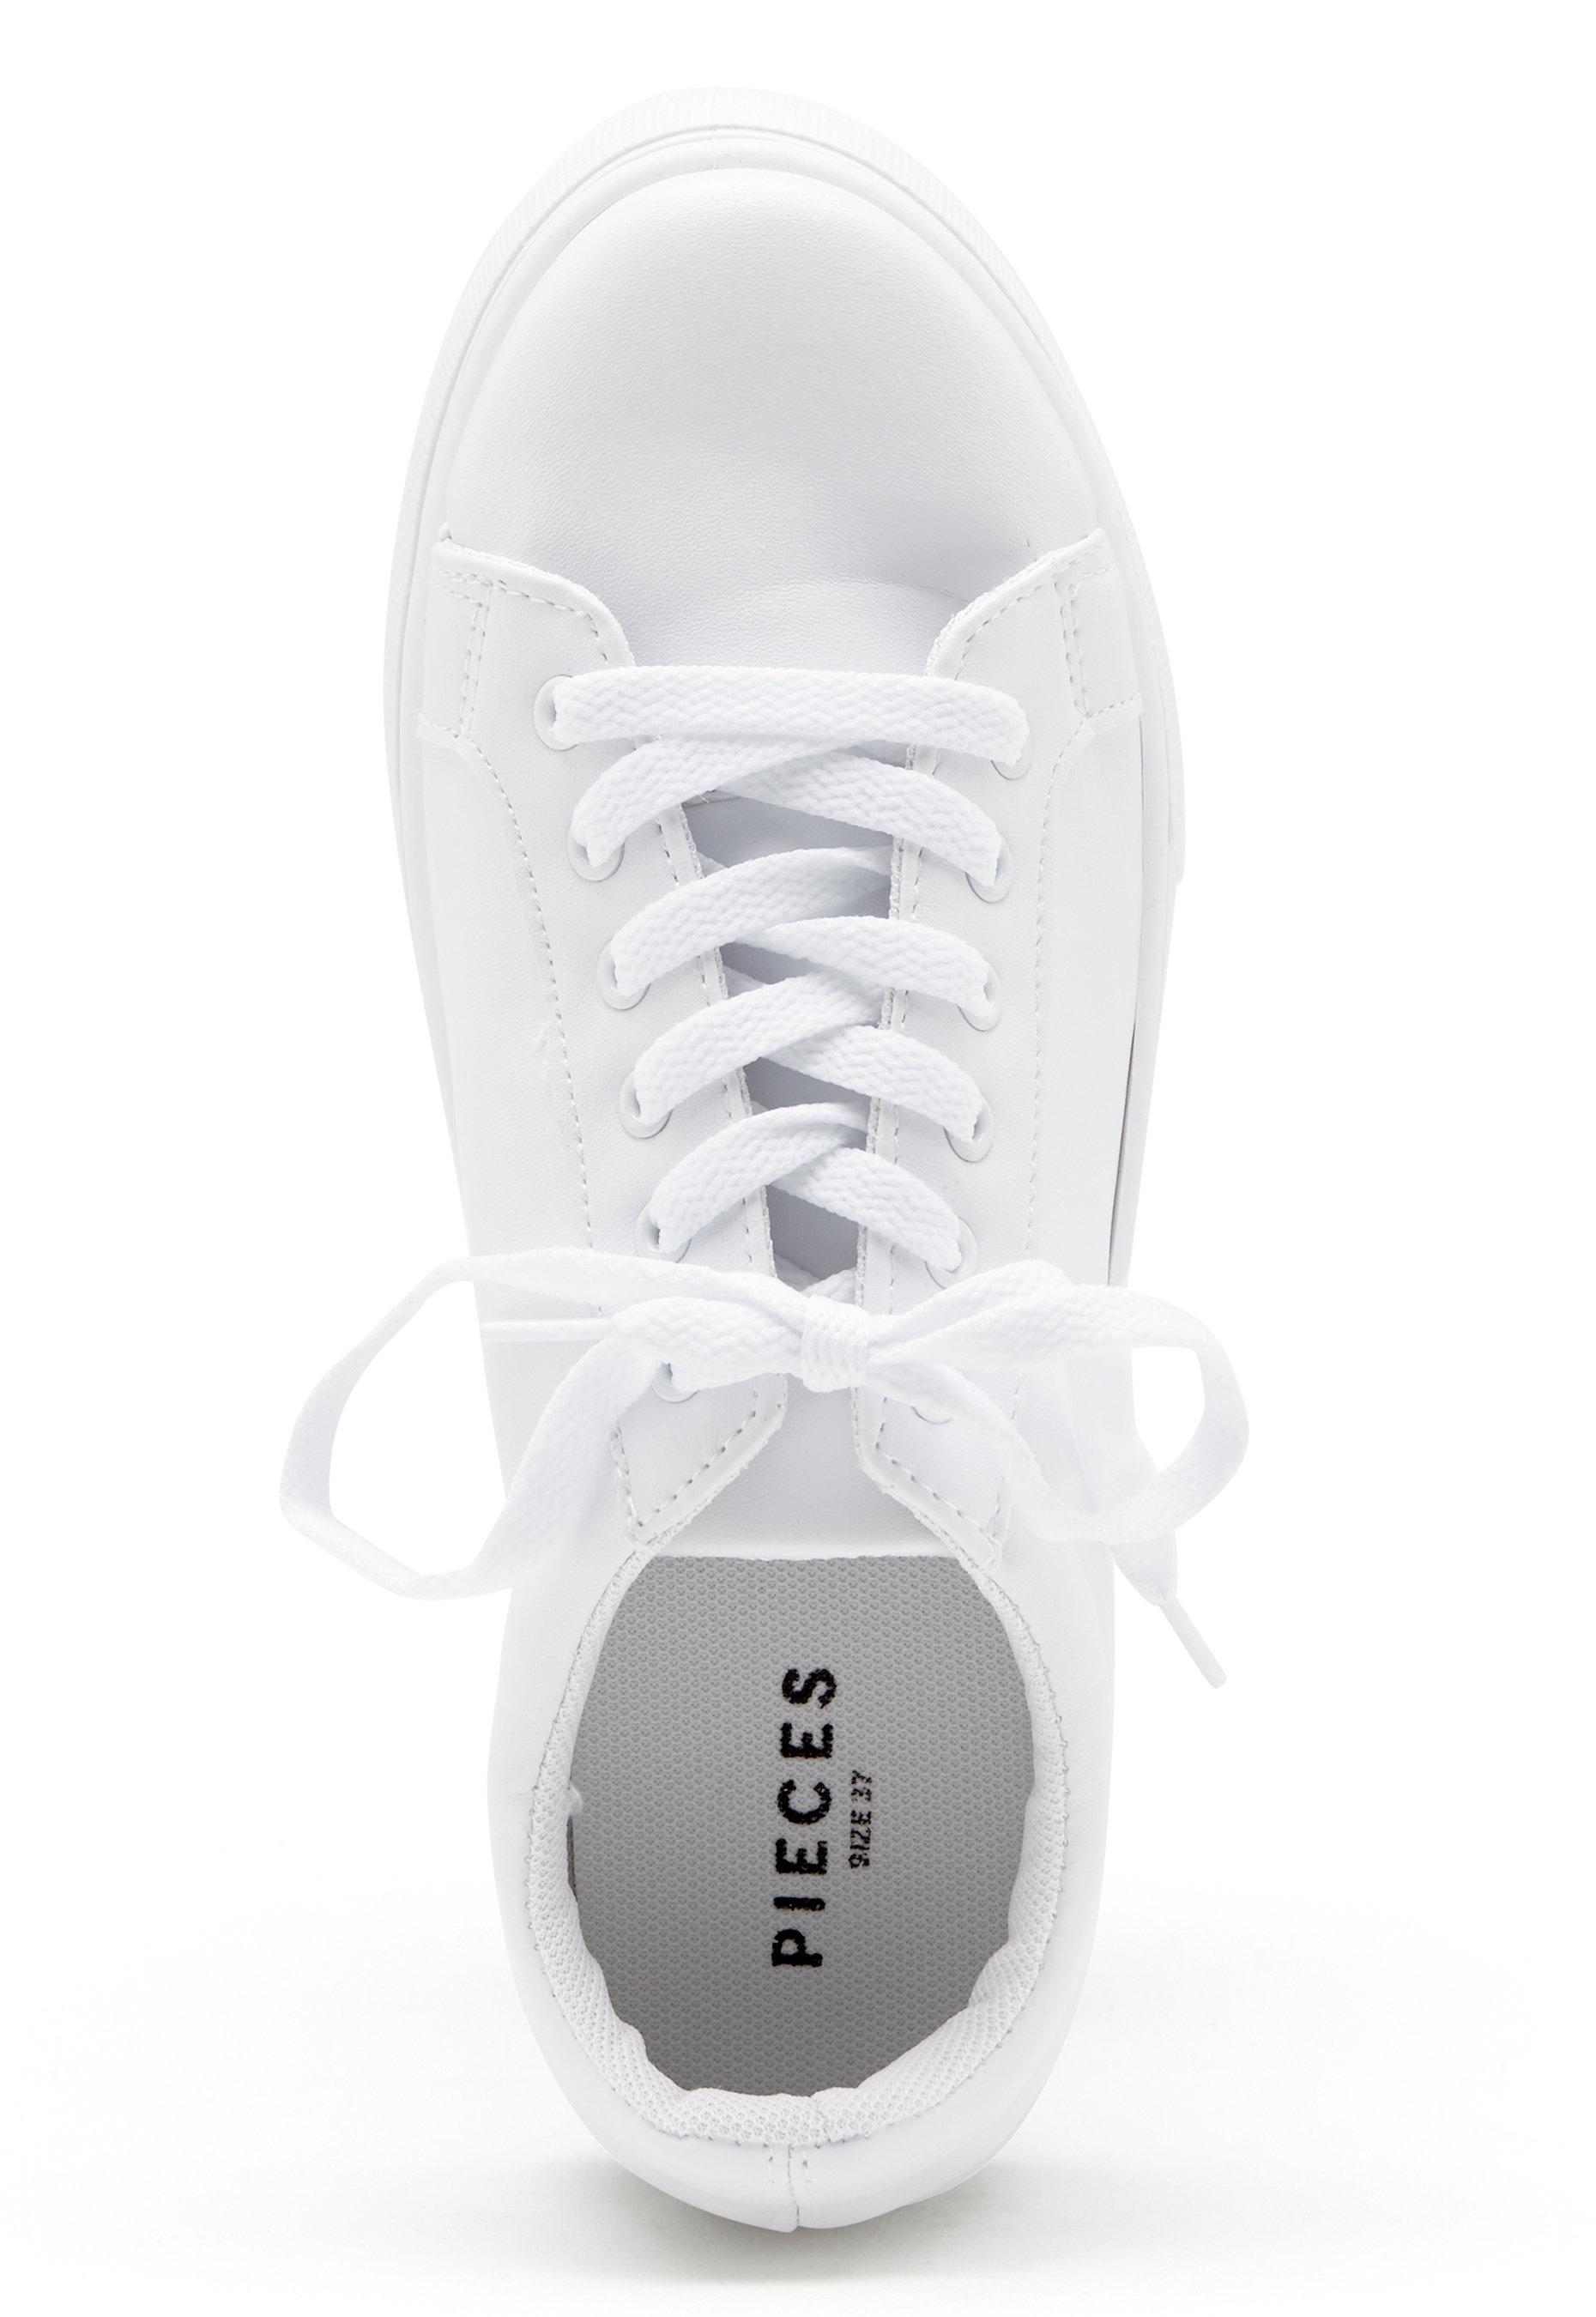 Bubbleroom Pieces Monet White Pieces Sneaker D2YHEI9W